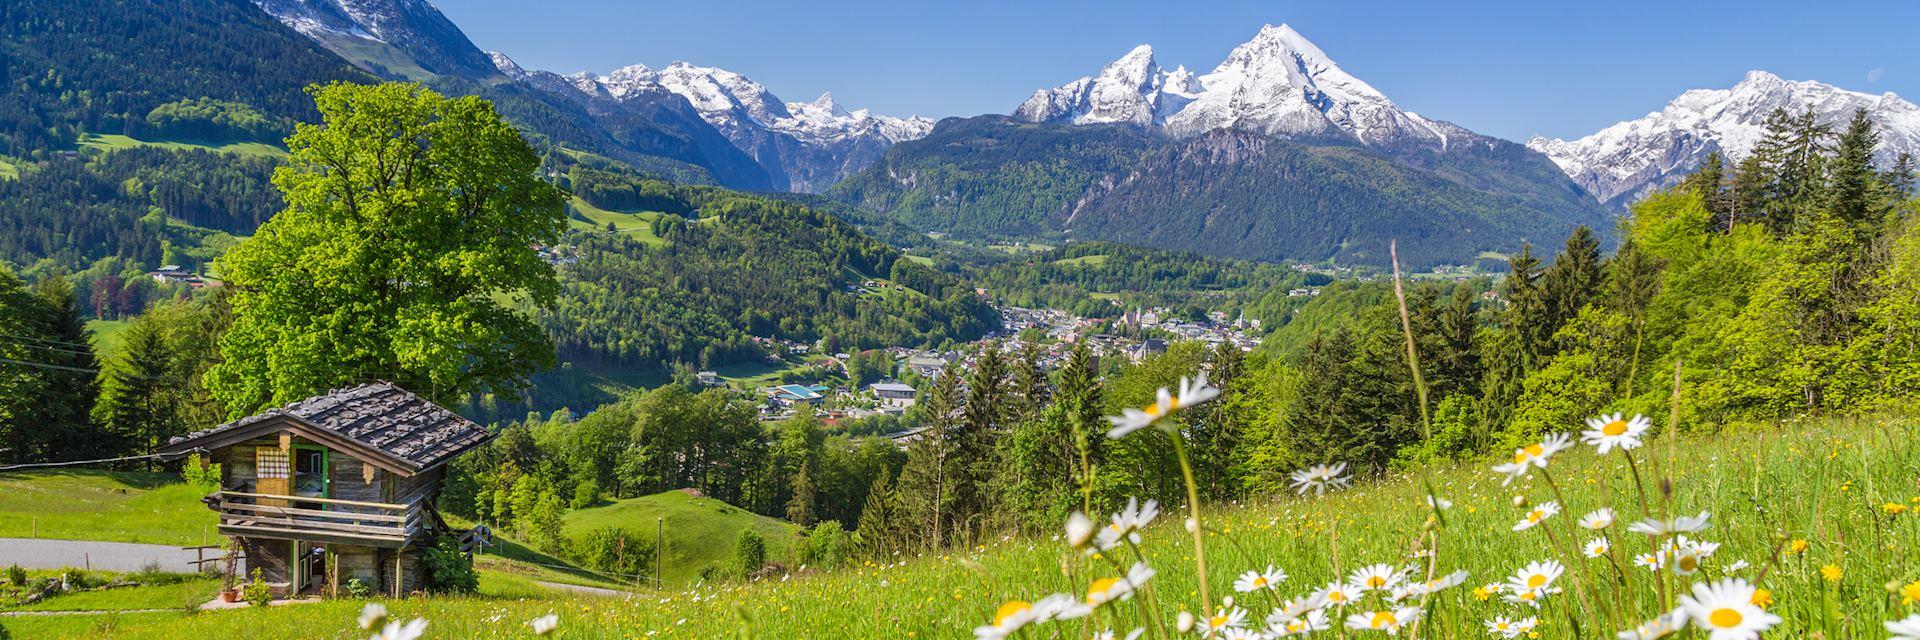 Austrian mountain village in summer